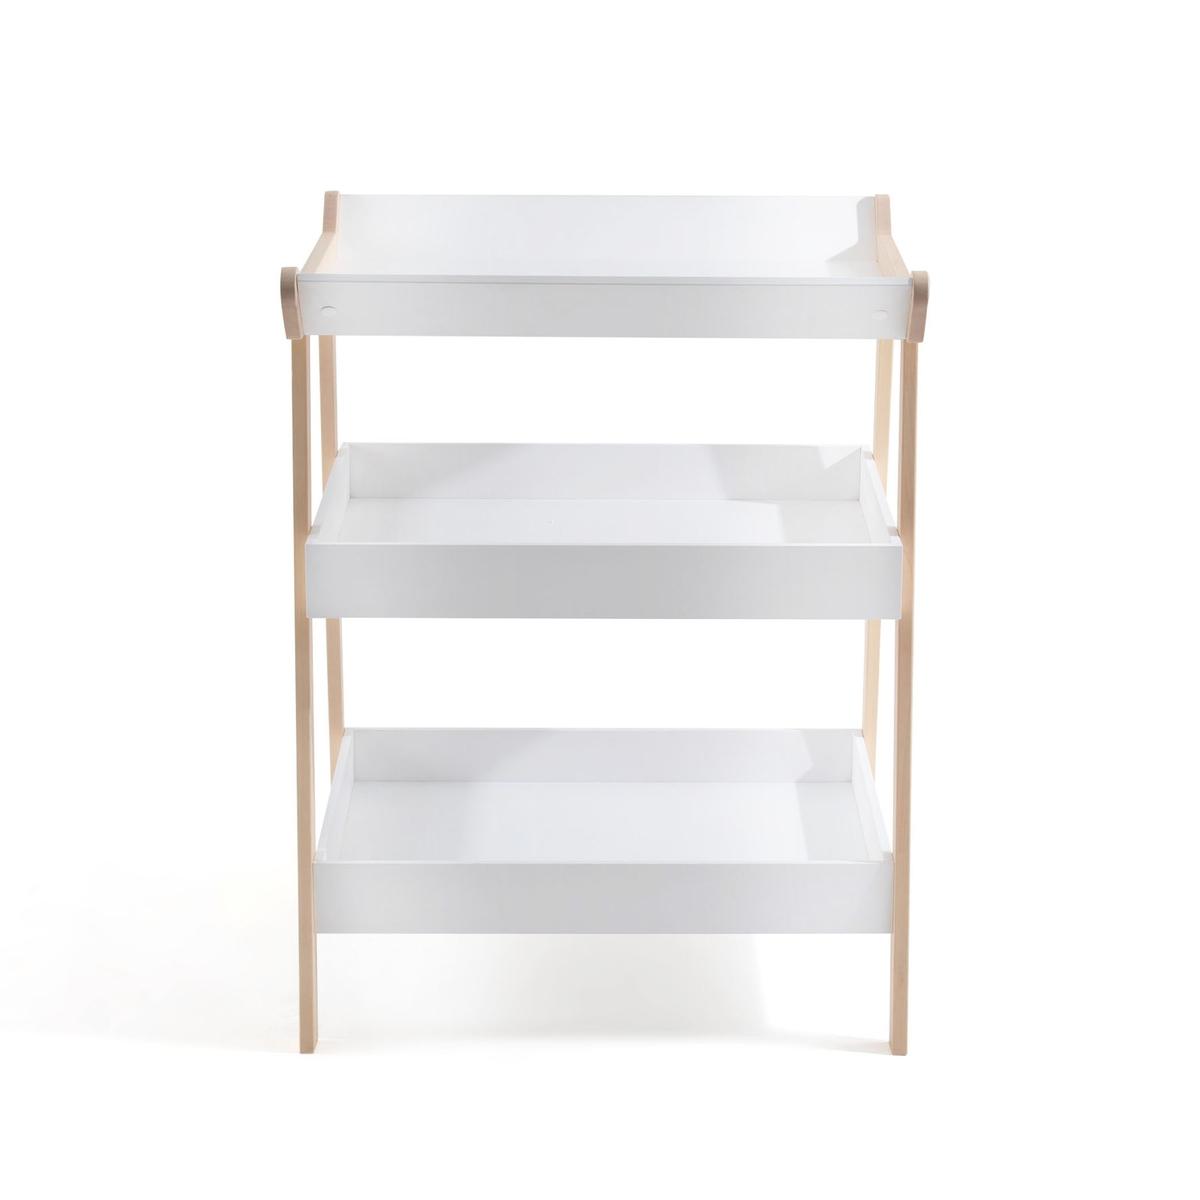 Пеленальный LaRedoute Столик Coccole дизайн Э Галлина единый размер белый